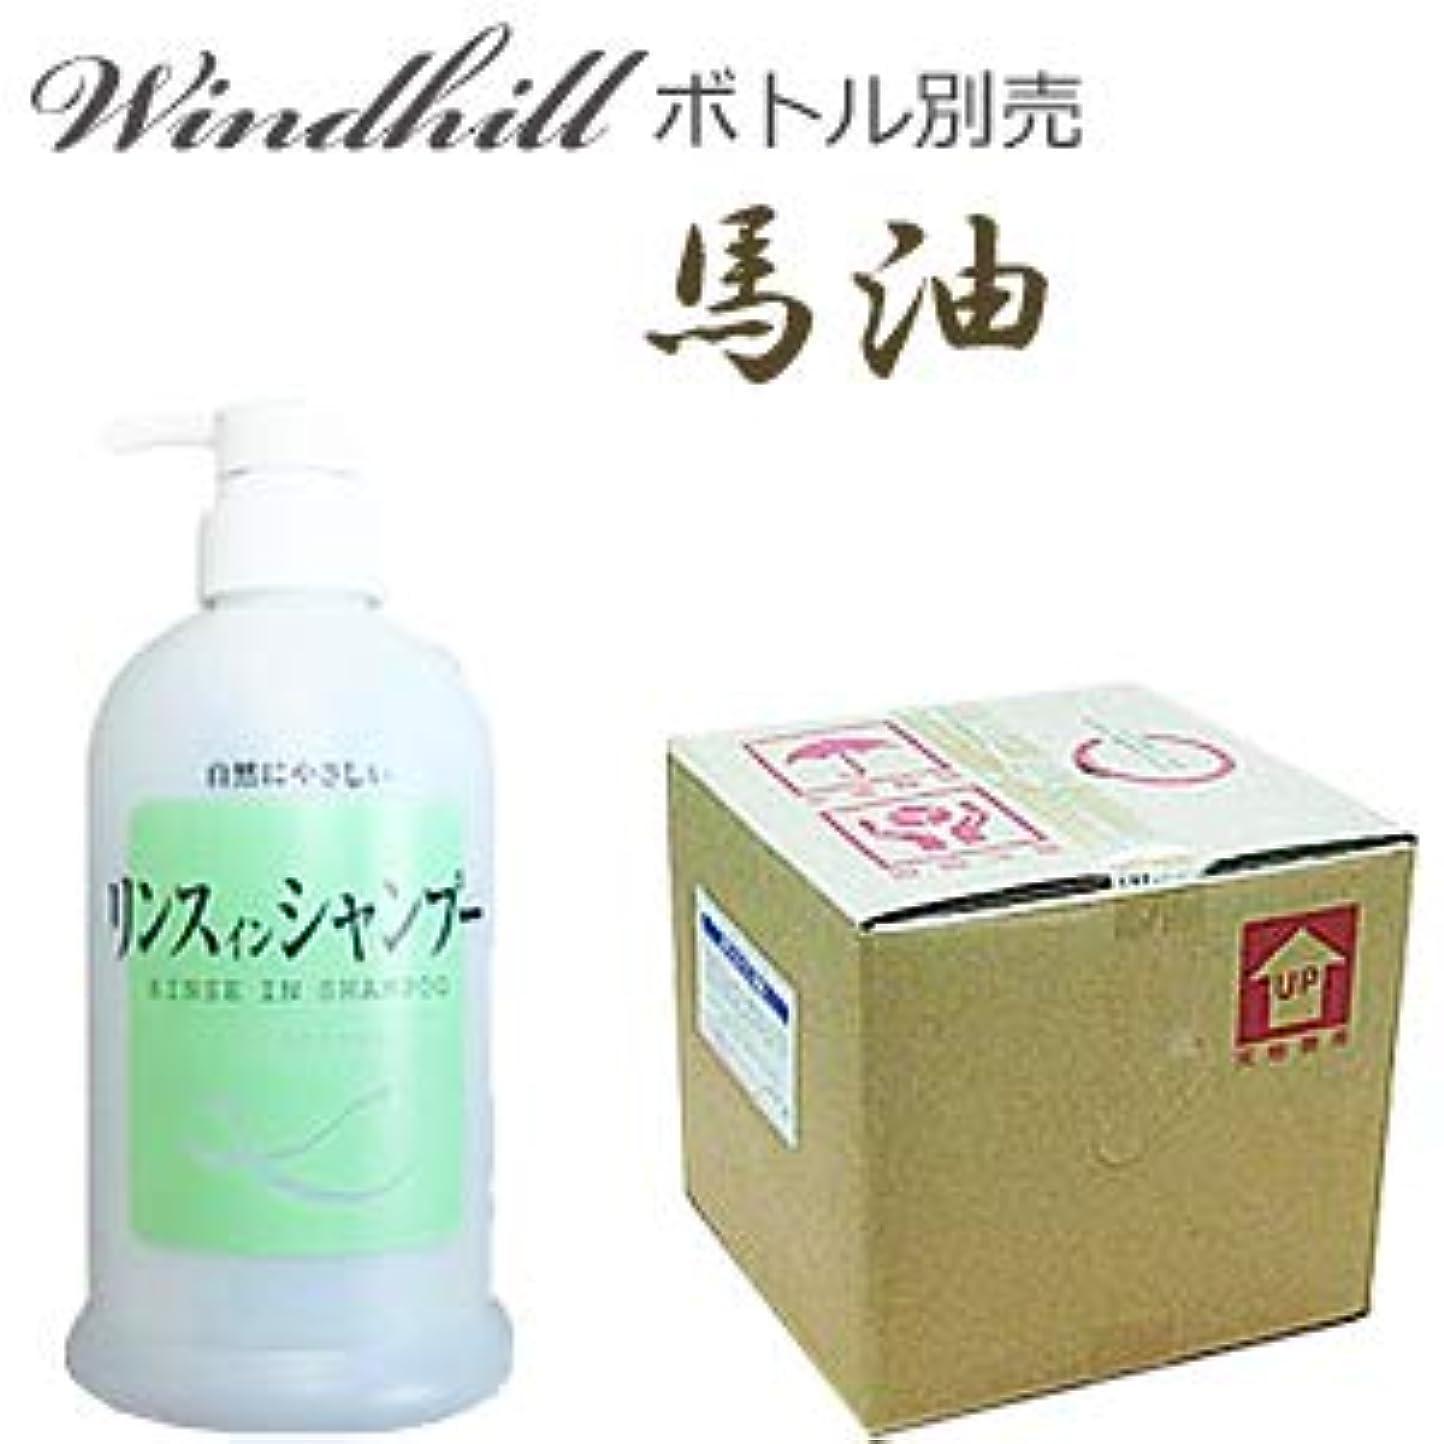 広げるウガンダネズミWindhill 馬油 業務用 リンスイン シャンプー フローラルの香り 20L